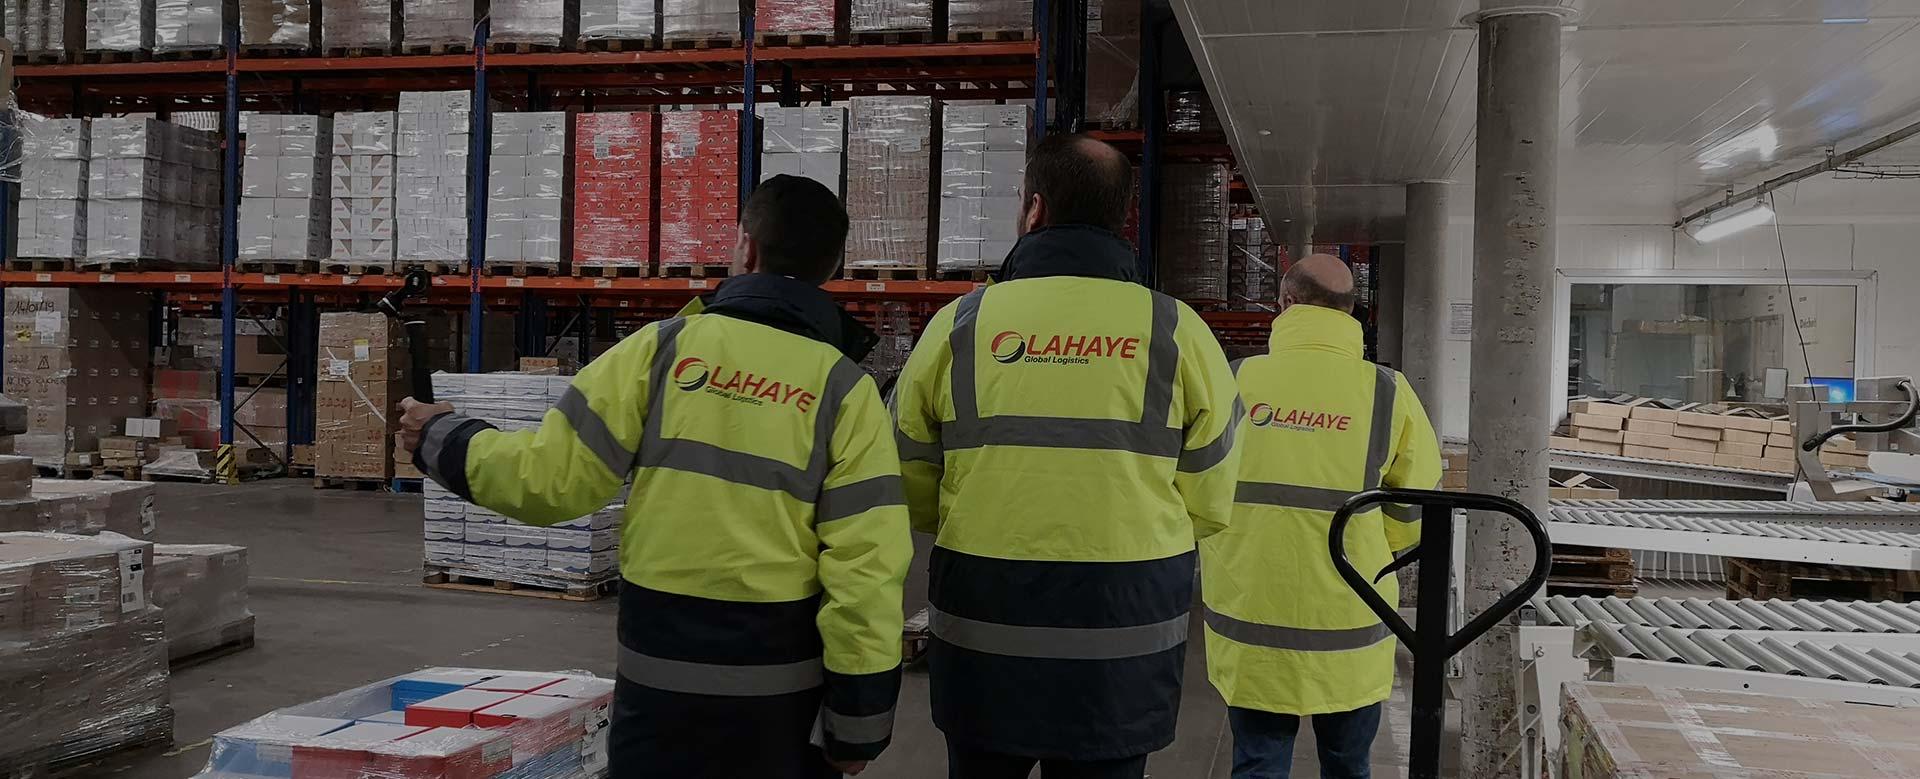 Lahaye Global Logistics Securite Port Des Epi